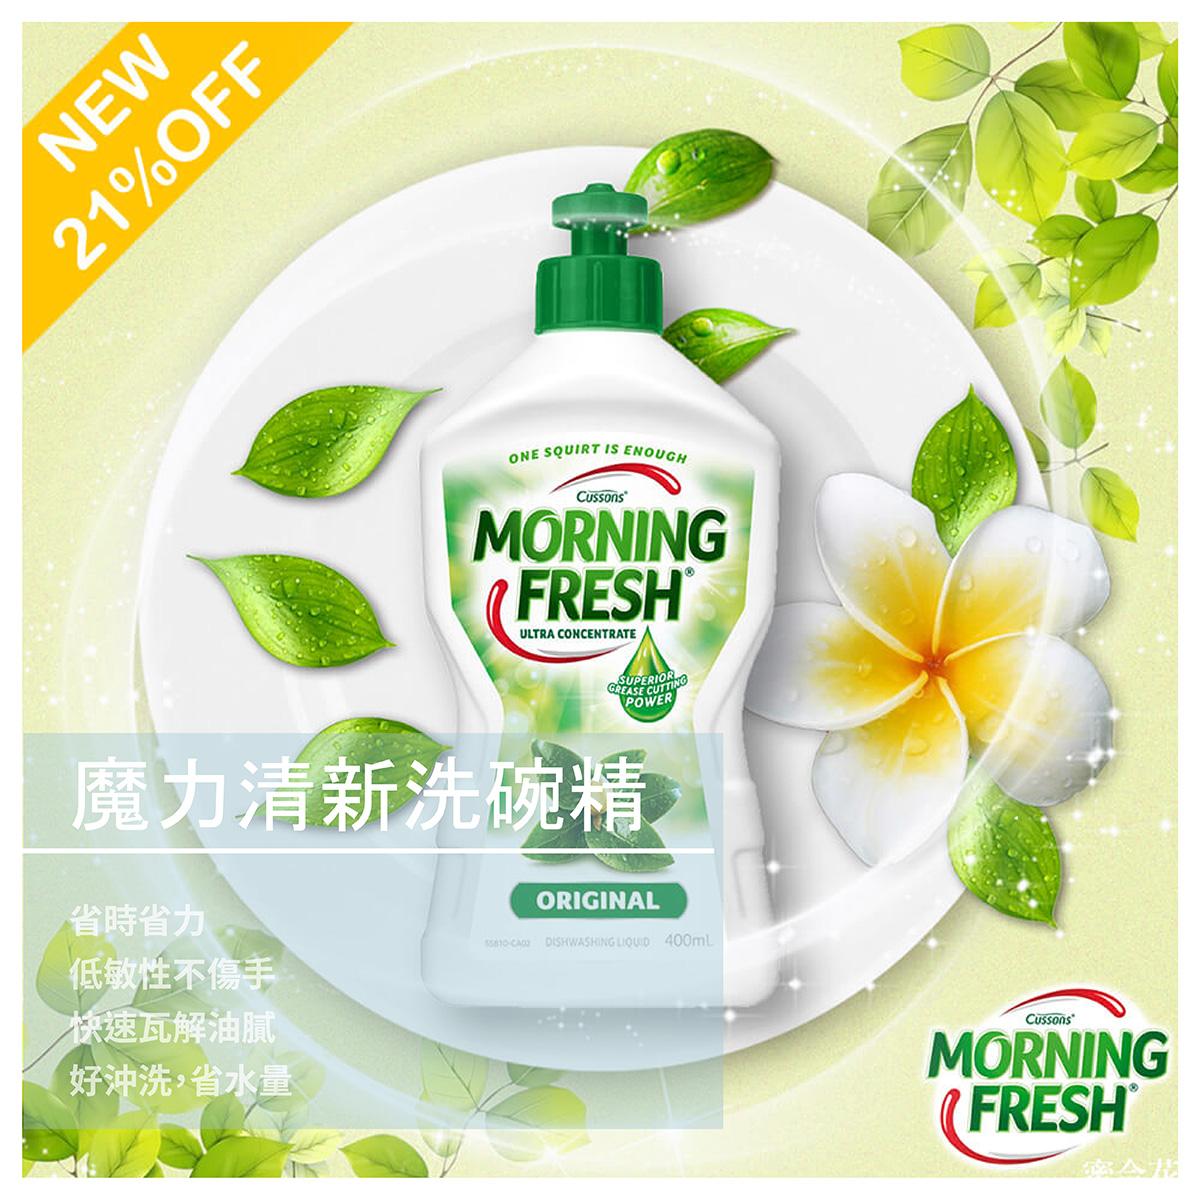 【澳洲】箱購12入Morning fresh魔力清新洗碗精/兩款/限時特價